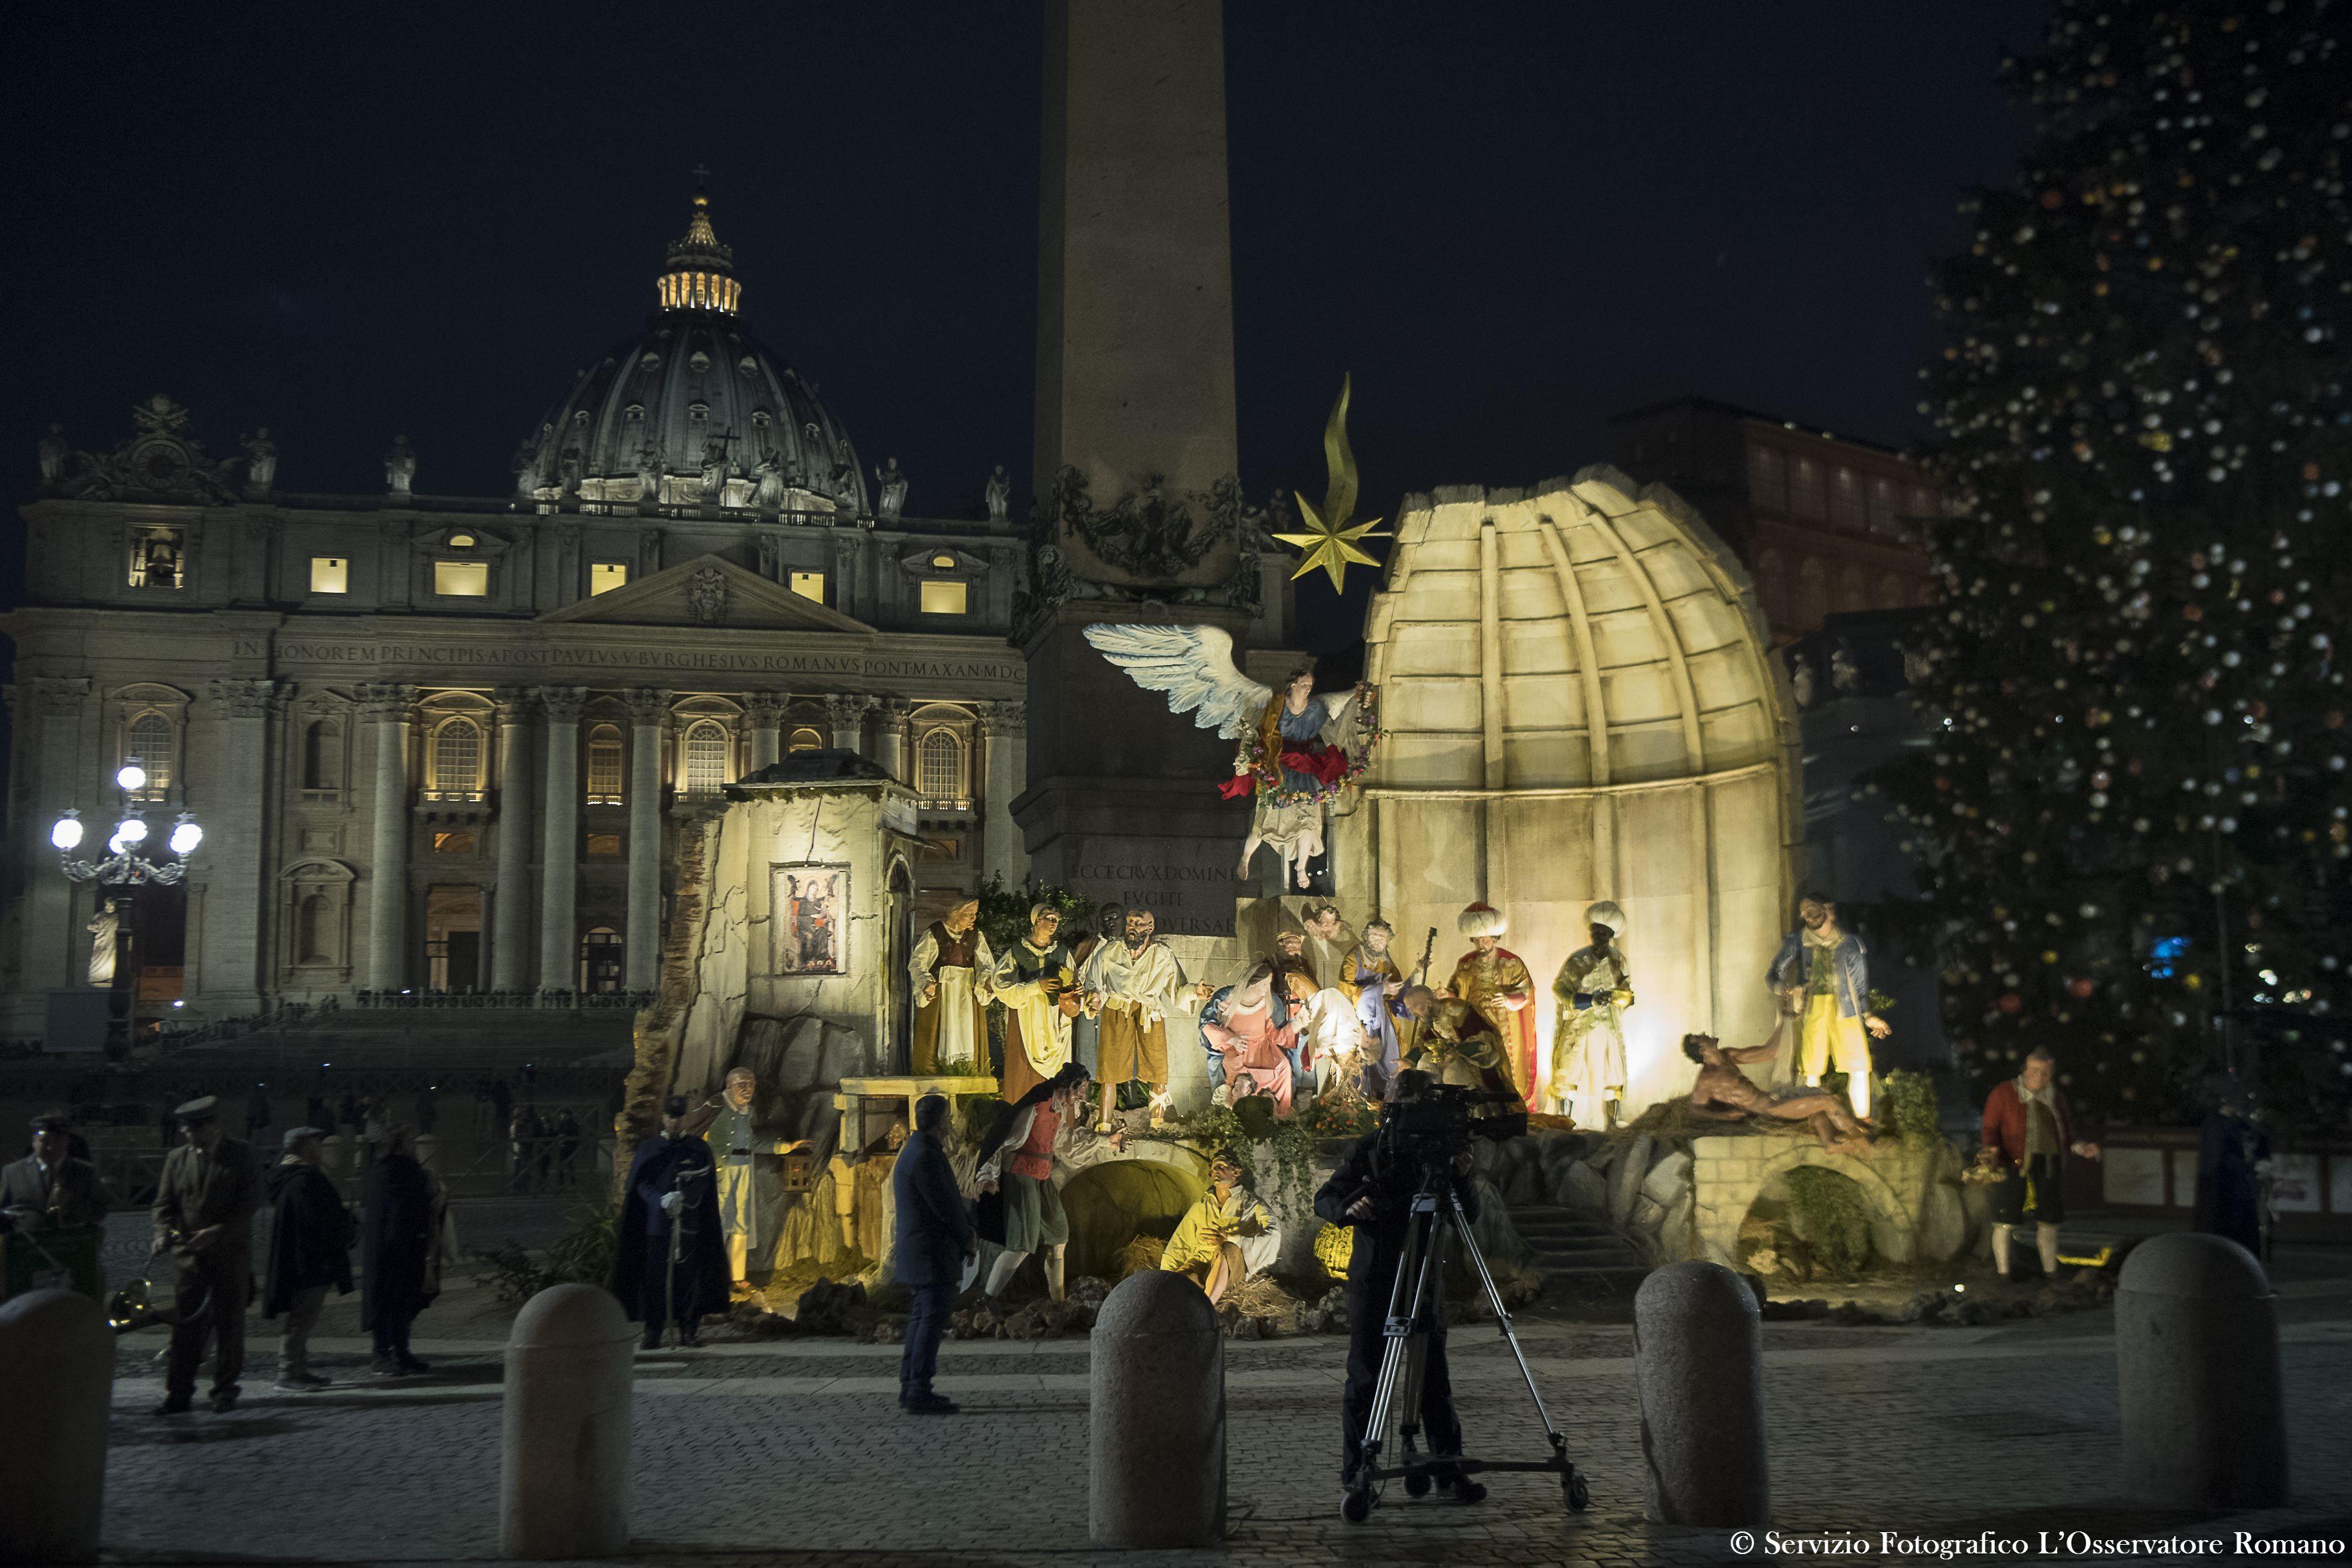 Illumination de la crèche et de l'arbre de Noël place Saint-Pierre © L'Osservatore Romano